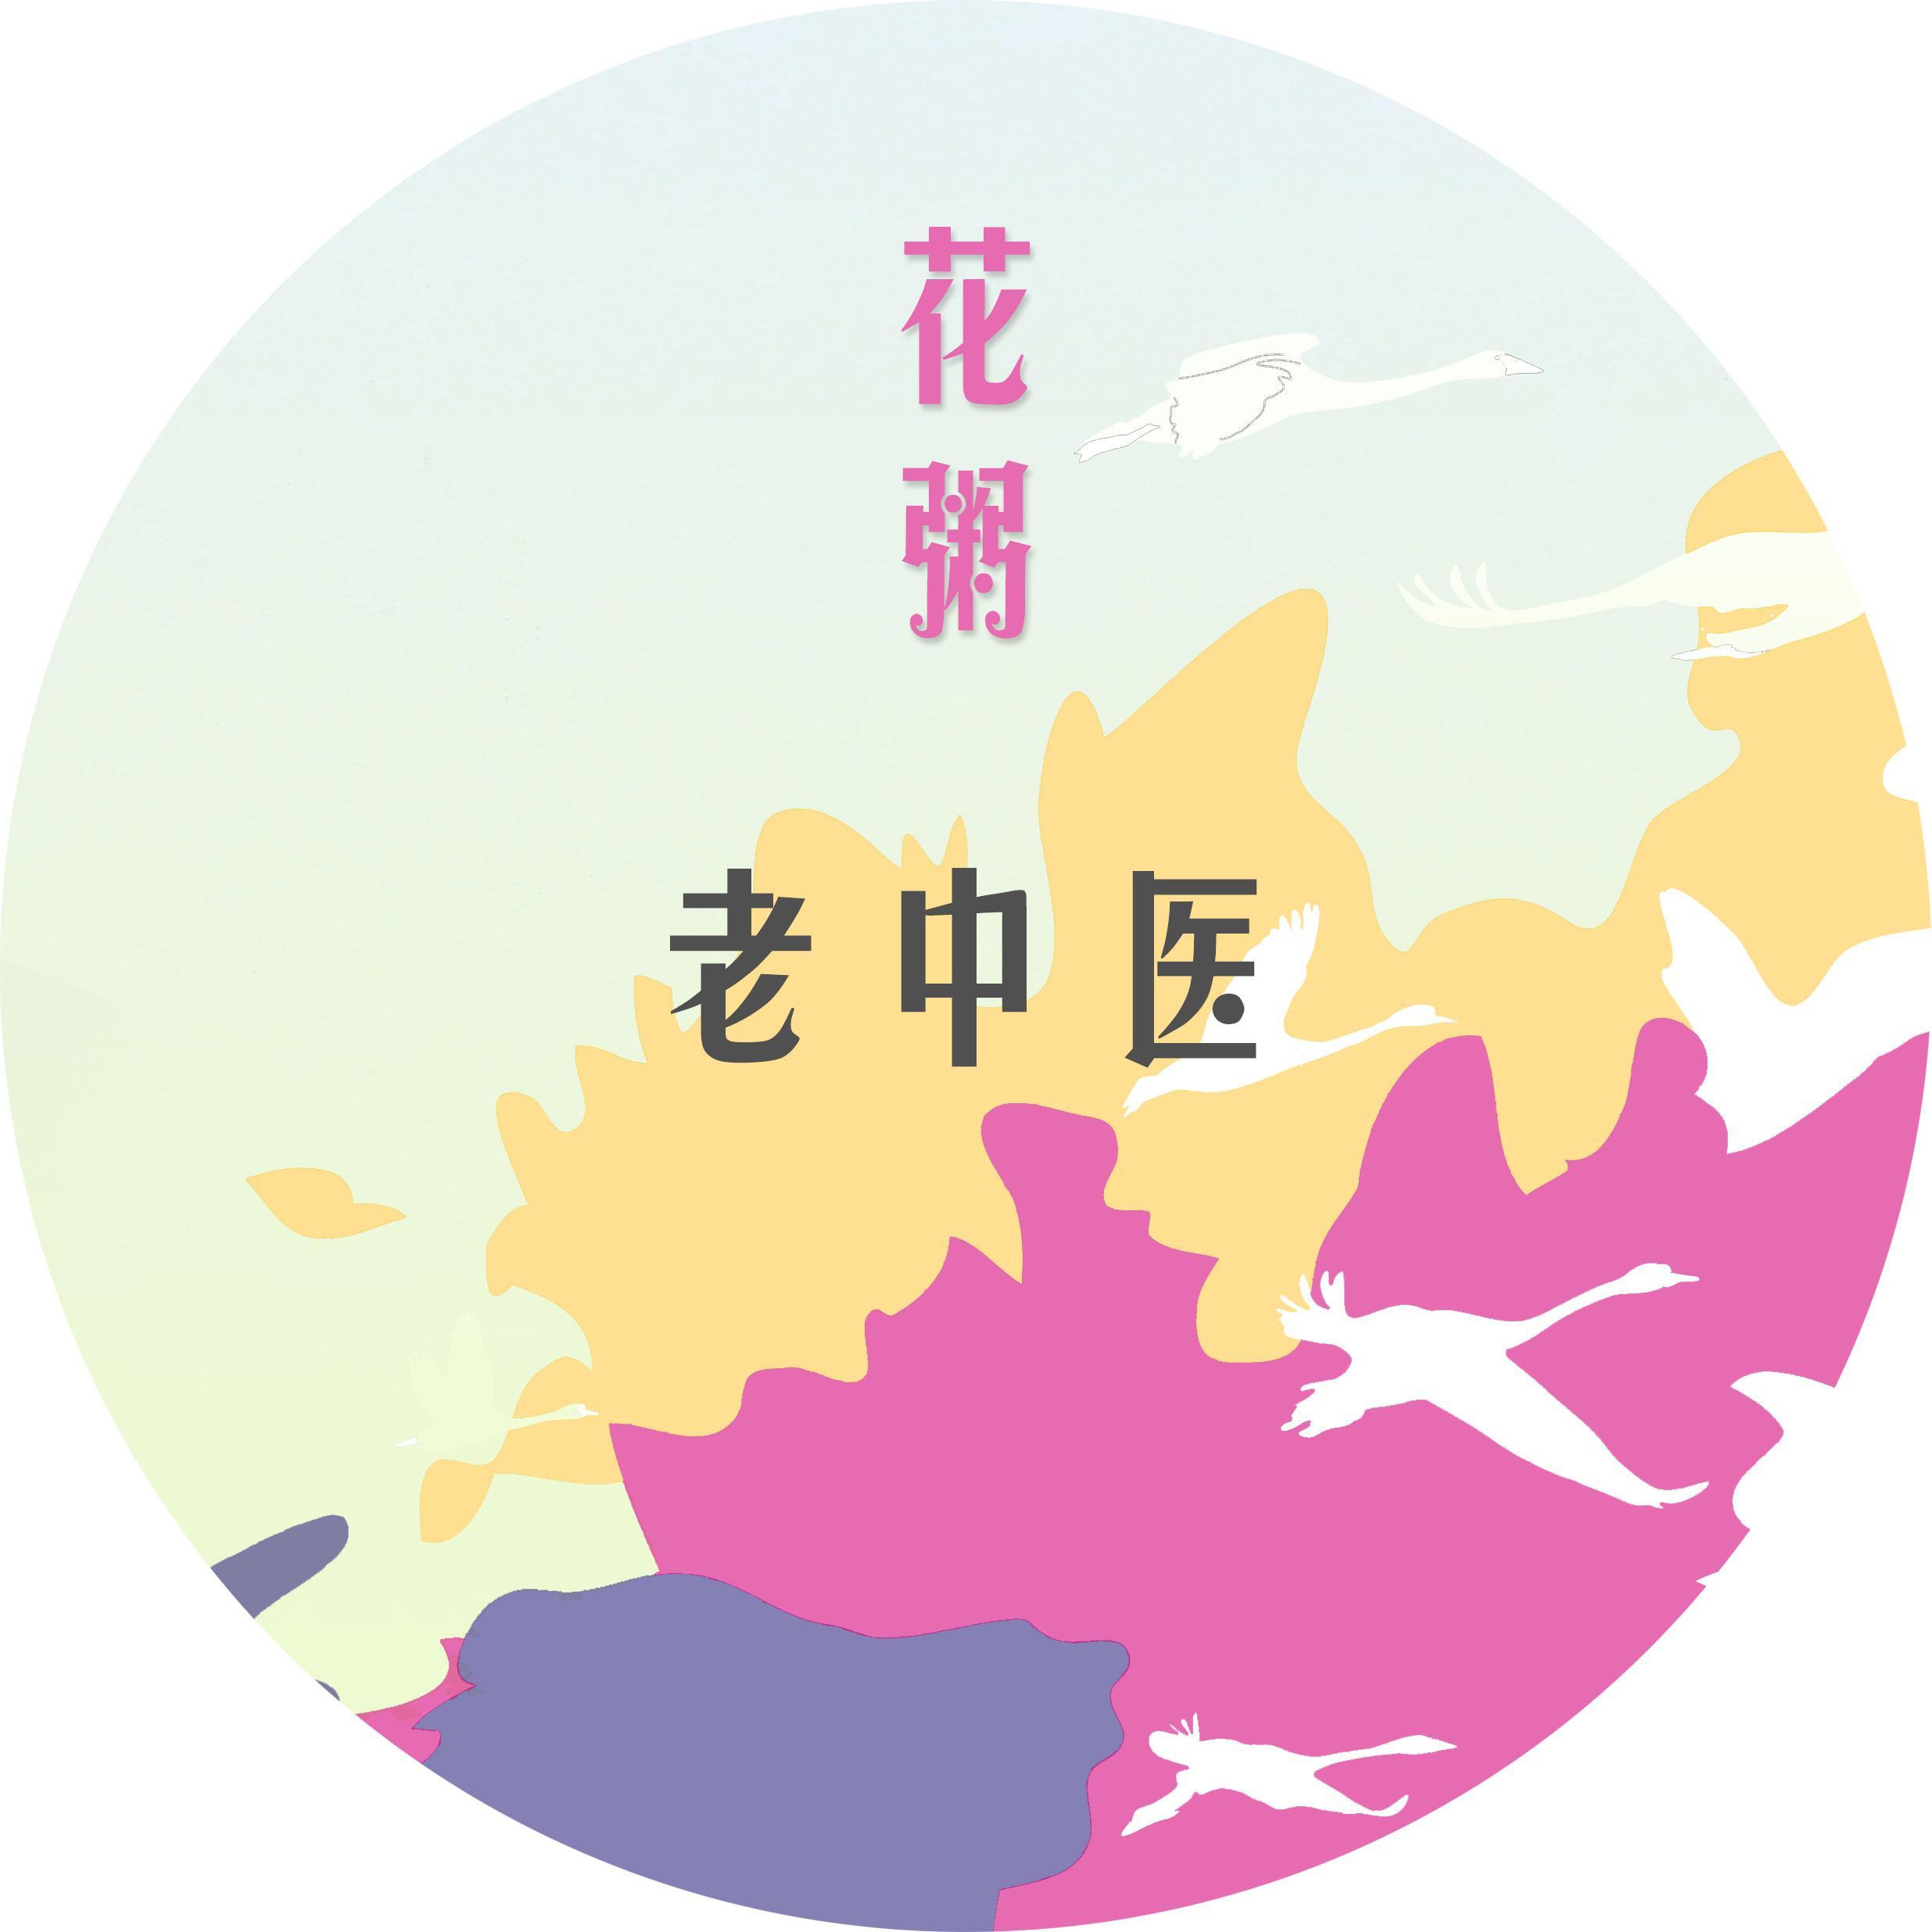 老中医 - 花粥 - 网易云音乐